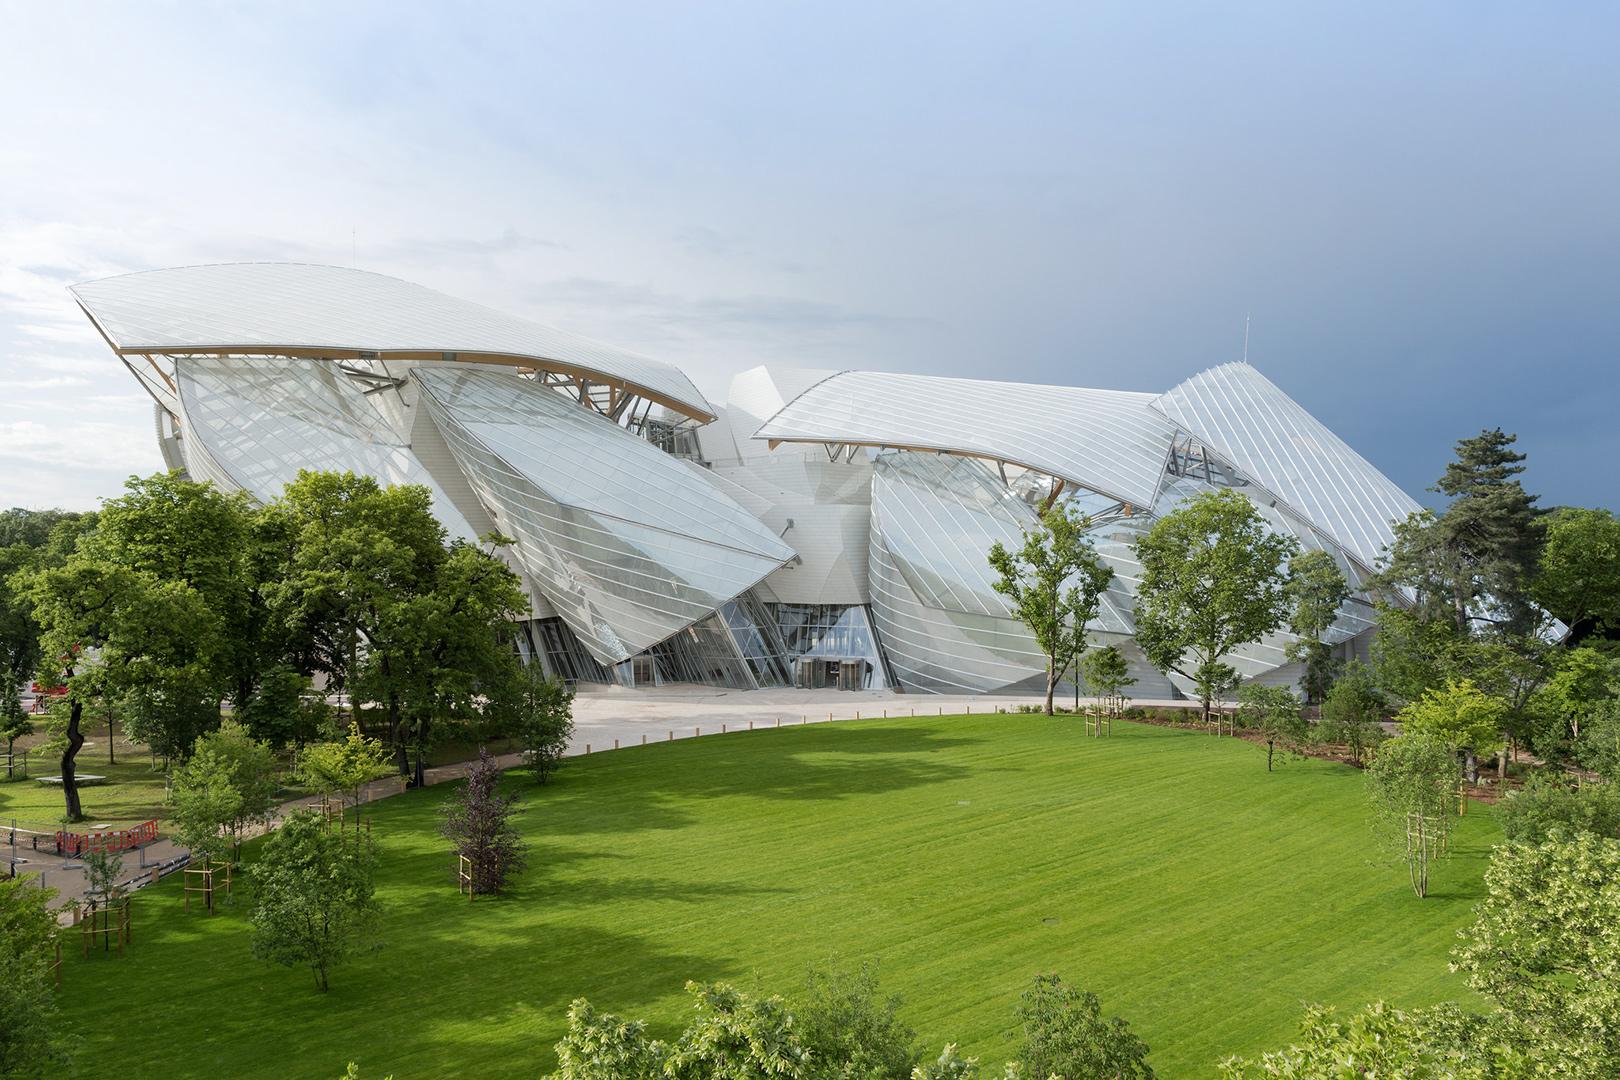 Fondation Louis Vuitton - Signalétique dynamique - Vignette - In blossom